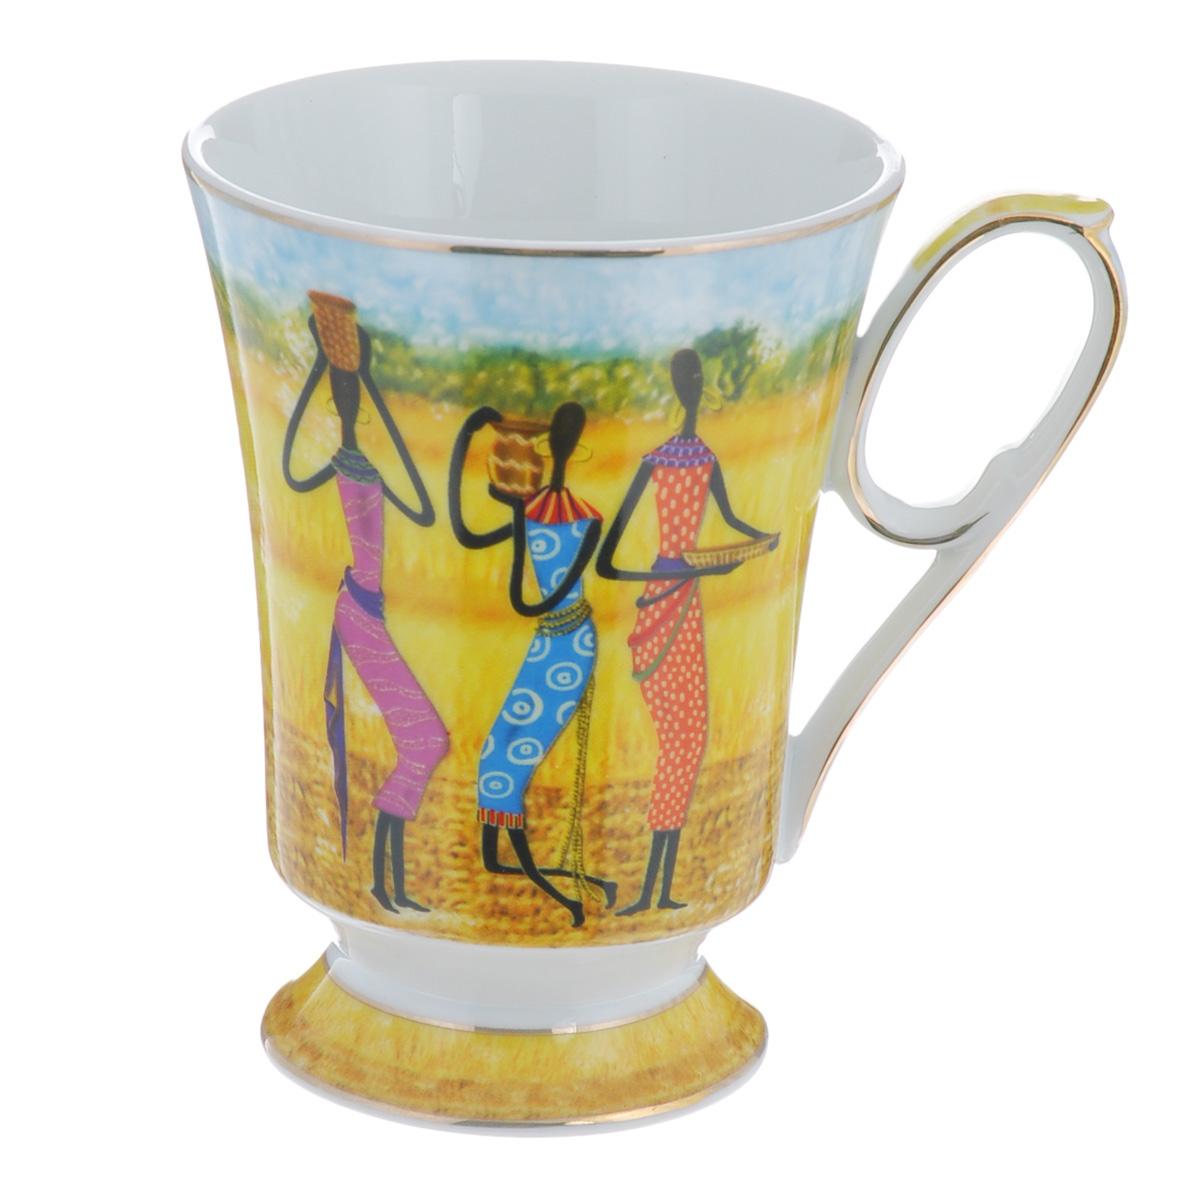 Кружка Lillo Африканские девушки, 300 млTS 1163Кружка Lillo Африканские девушки выполнена из высококачественного фарфора и украшена изображением трех девушек в ярких костюмах. На ручке и по краю кружки имеется золотистая кайма. Такая кружка порадует вас дизайном и функциональностью, а пить чай или кофе из нее станет еще приятнее. Остерегайтесь сильных ударов. Не применять абразивные чистящие средства.